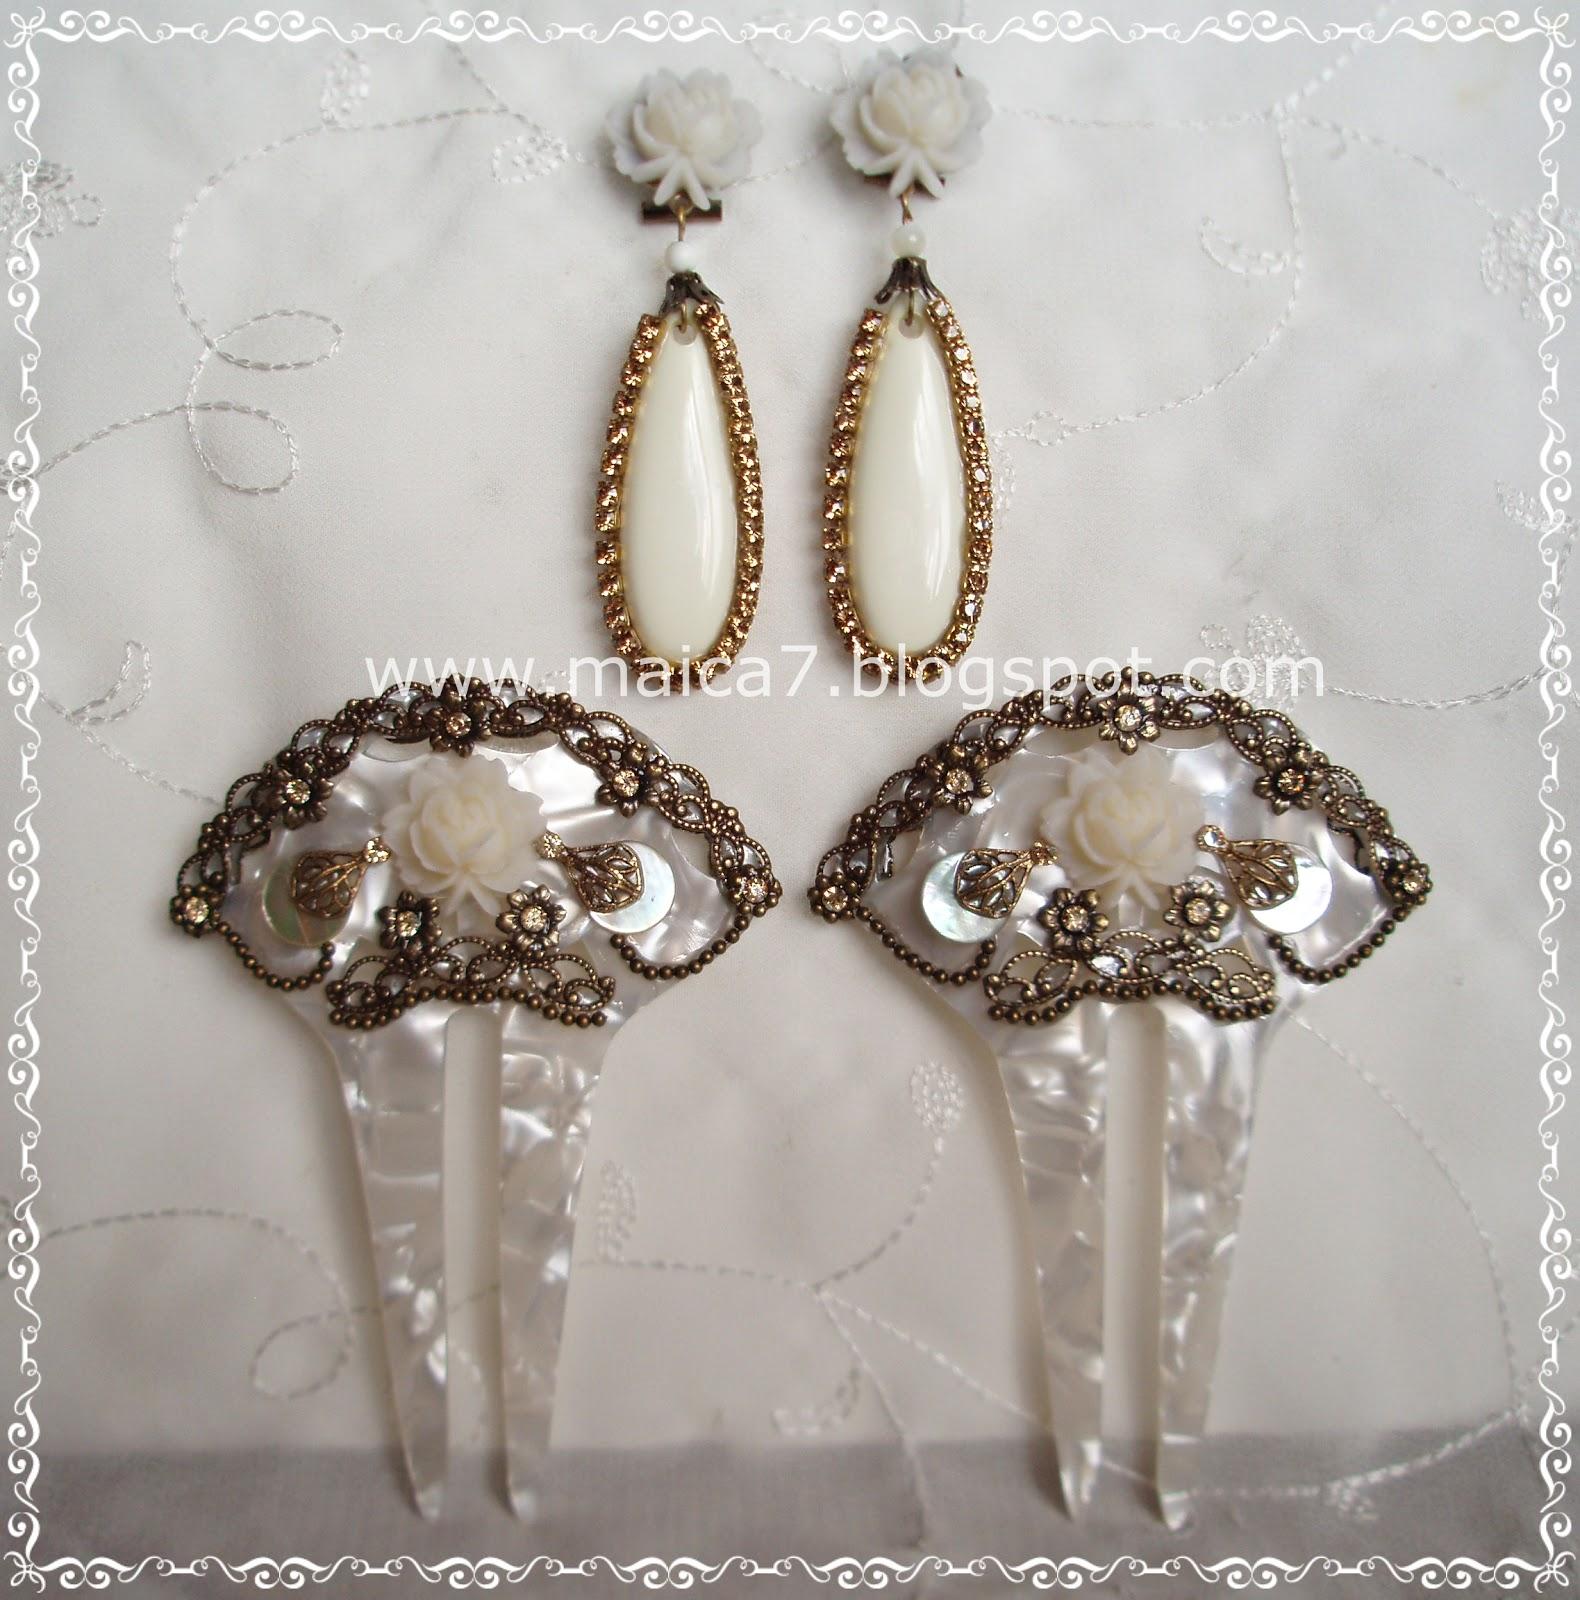 b1177c01db7d Complementos para novias  pendientes y tocados. Bisutería artesanal ...